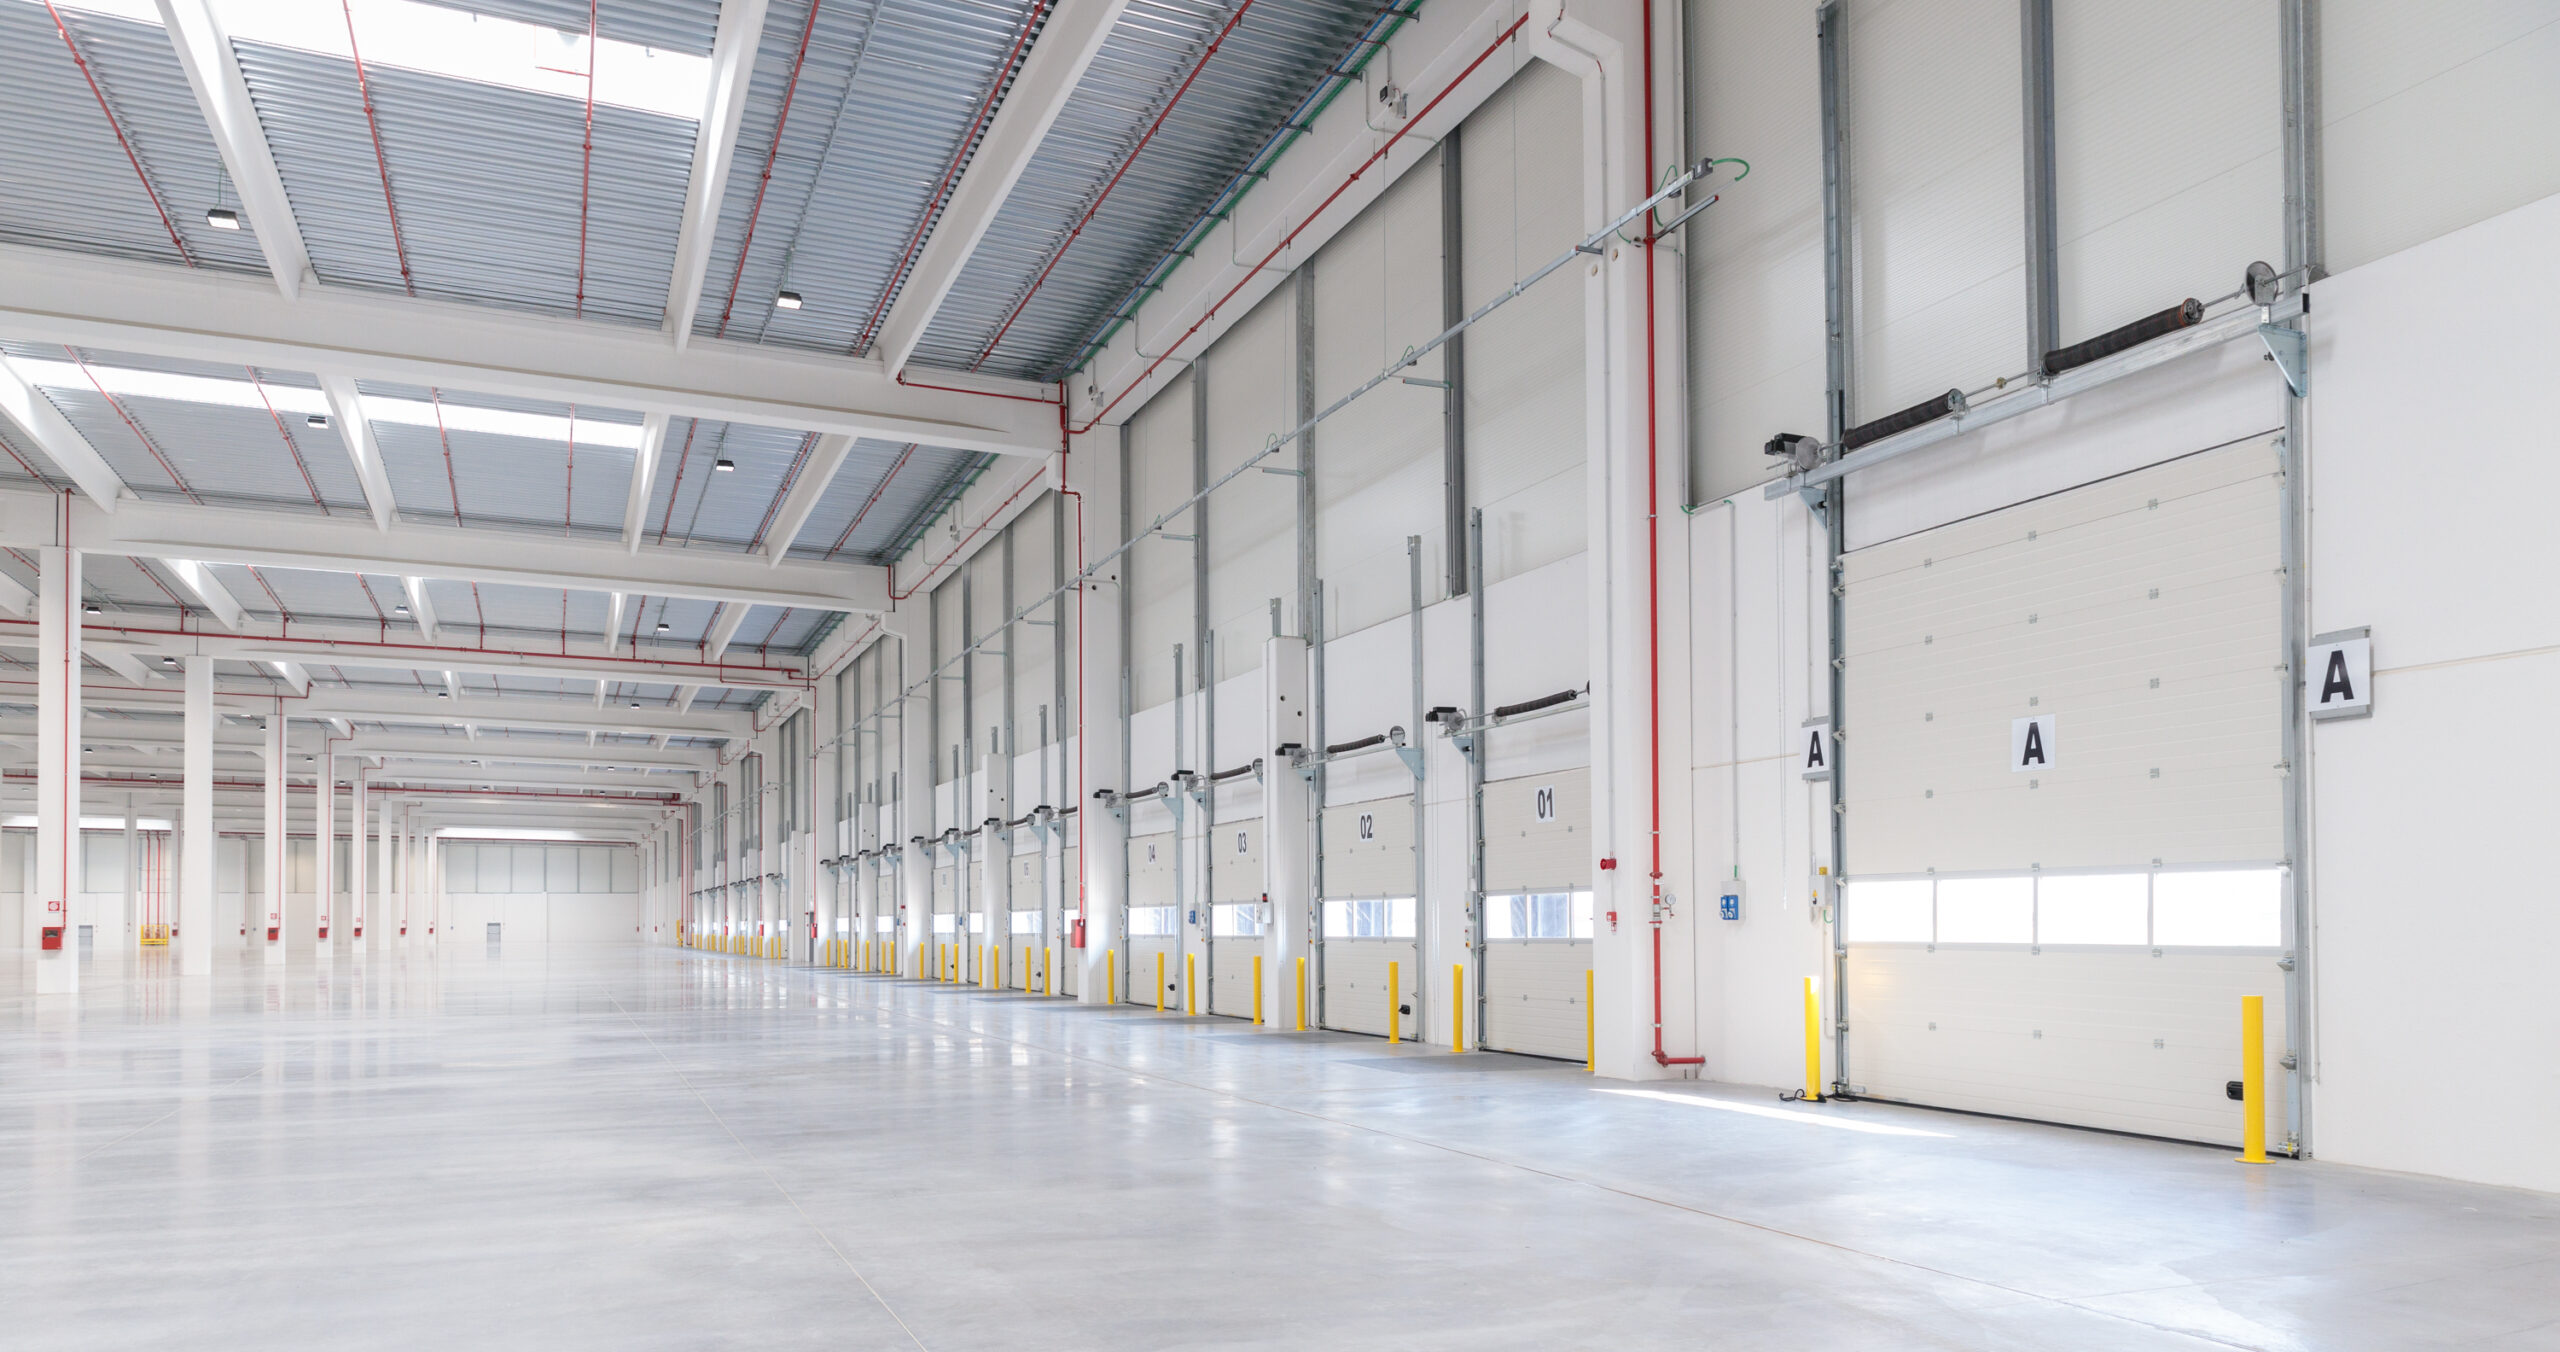 Vista interno magazzino logistico - CARLYLE Mesero | SQM Real Estate miglior agenzia immobiliare per aziende industria terreni logistica sviluppo immobiliare